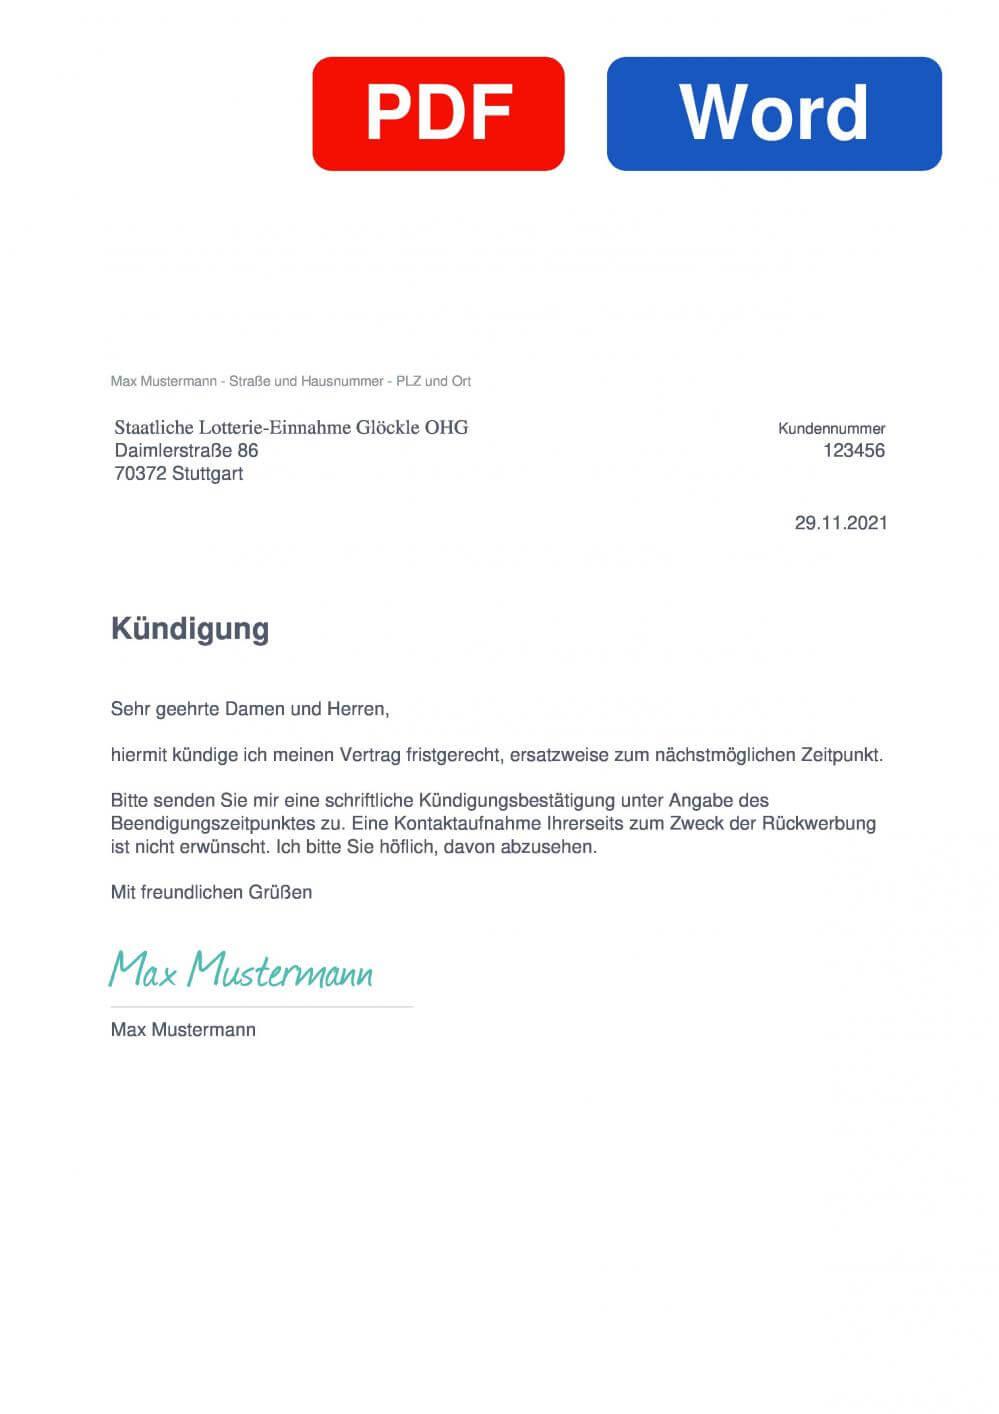 SKL Glöckle Lotterie Muster Vorlage für Kündigungsschreiben